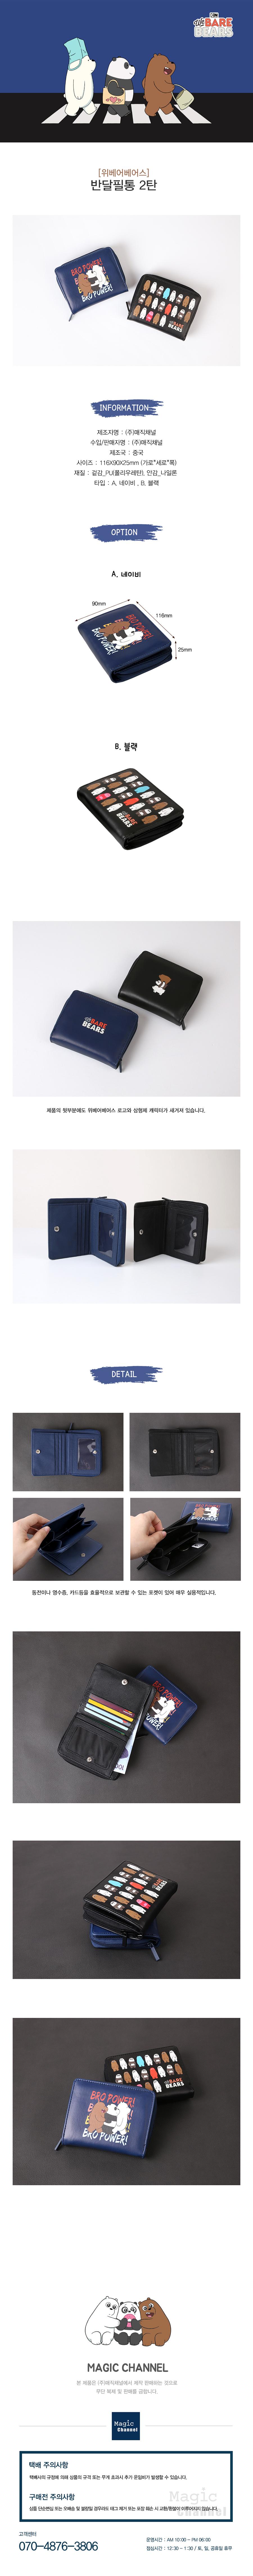 매직채널(MAGIC CHANNEL) [위베어베어스] 반지갑